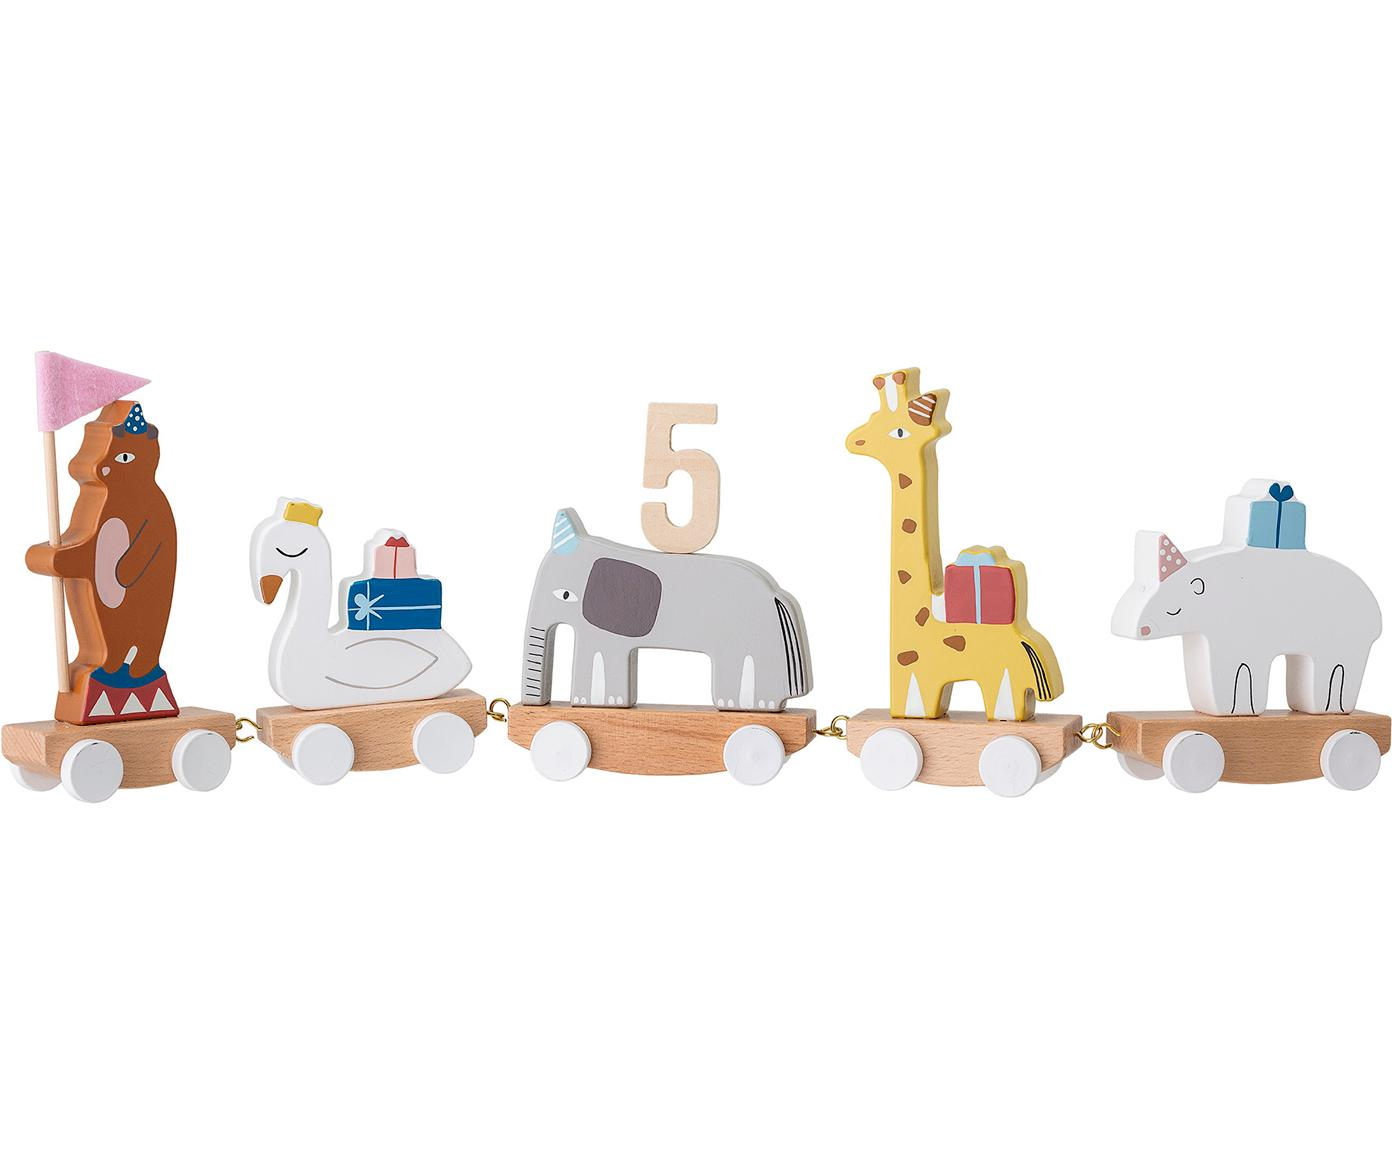 Decorazione di compleanno Happy Animals, Legno di faggio, pannelli di fibra a media densità (MDF), compensato, legno di loto, metallo, feltro, Multicolore, Larg. 50 x Alt. 16 cm